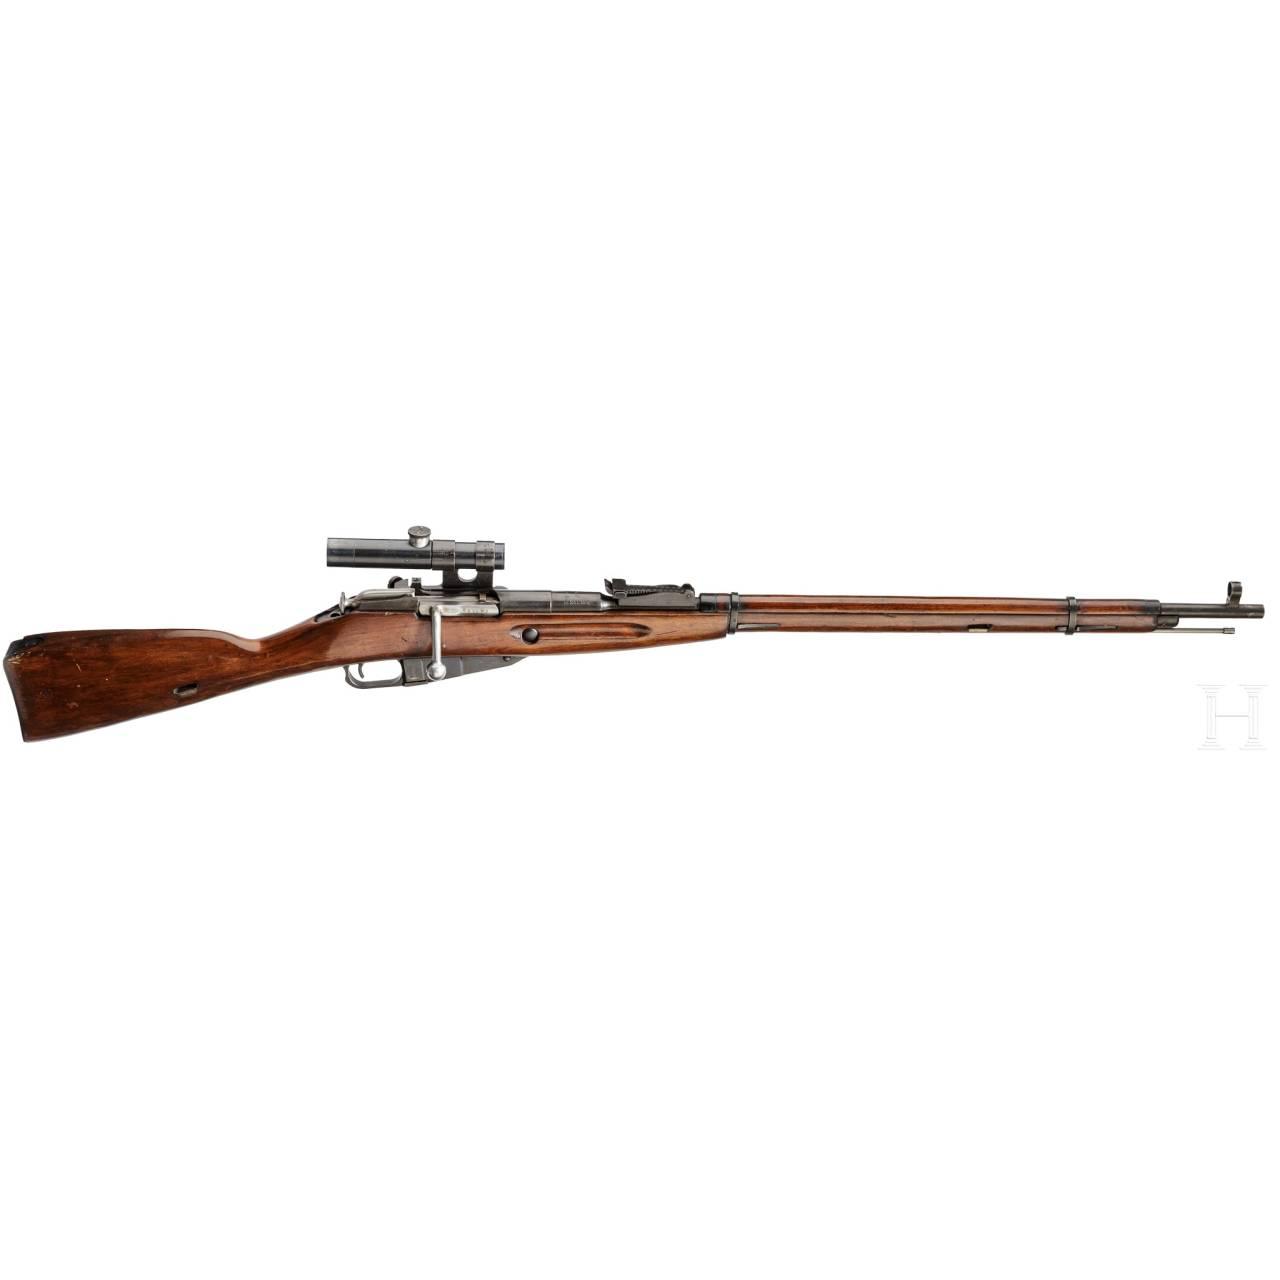 Scharfschützengewehr Mosin-Nagant Mod. 1891/30, mit ZF PU